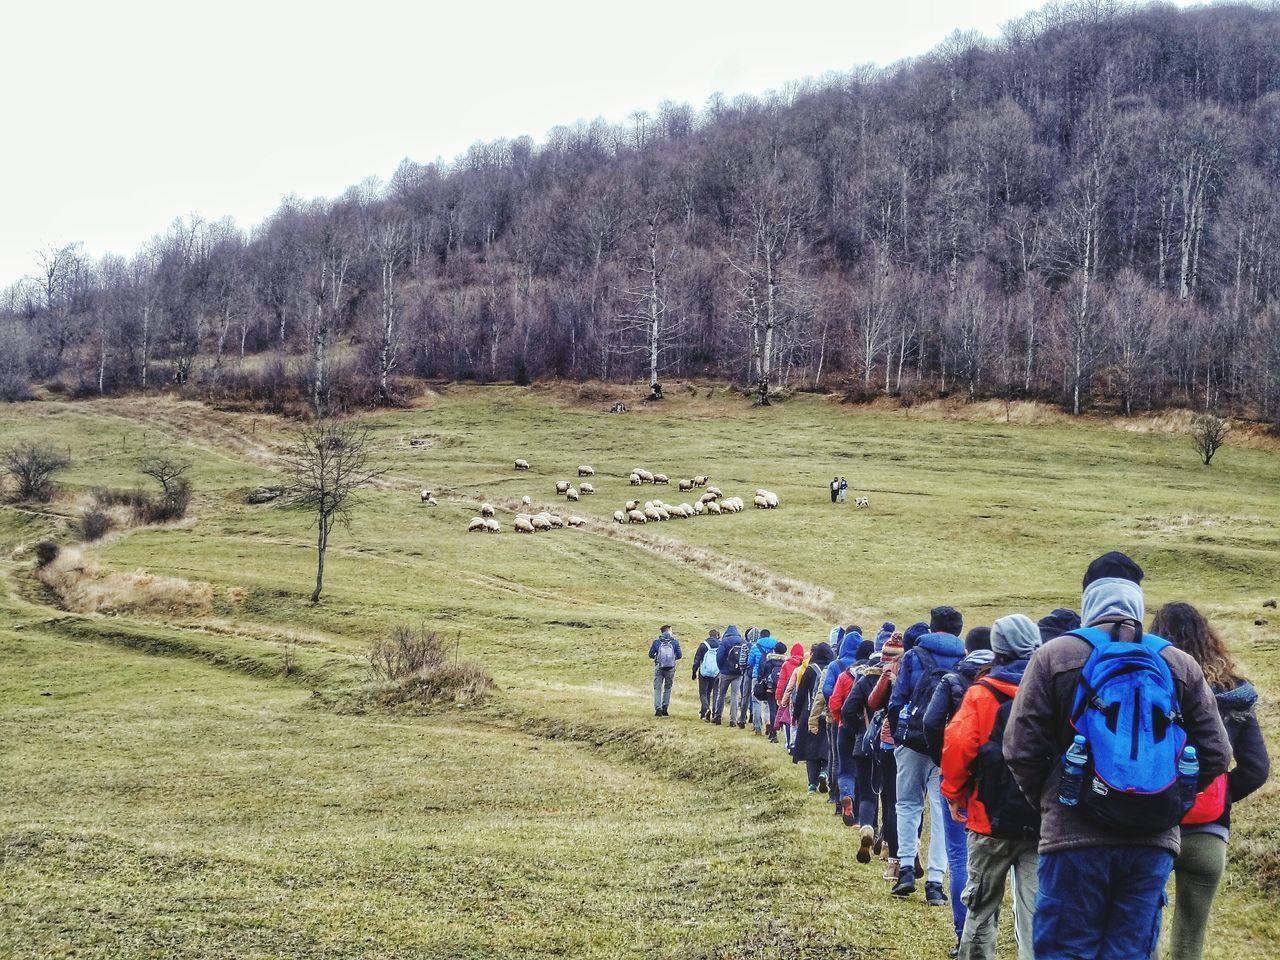 Turkey Karadeniz Blacksea Türkiye Giresun Ordu GUDAKT Dağcılık Mountain Discipline Trekking Singleline Yürüyüş Hiking